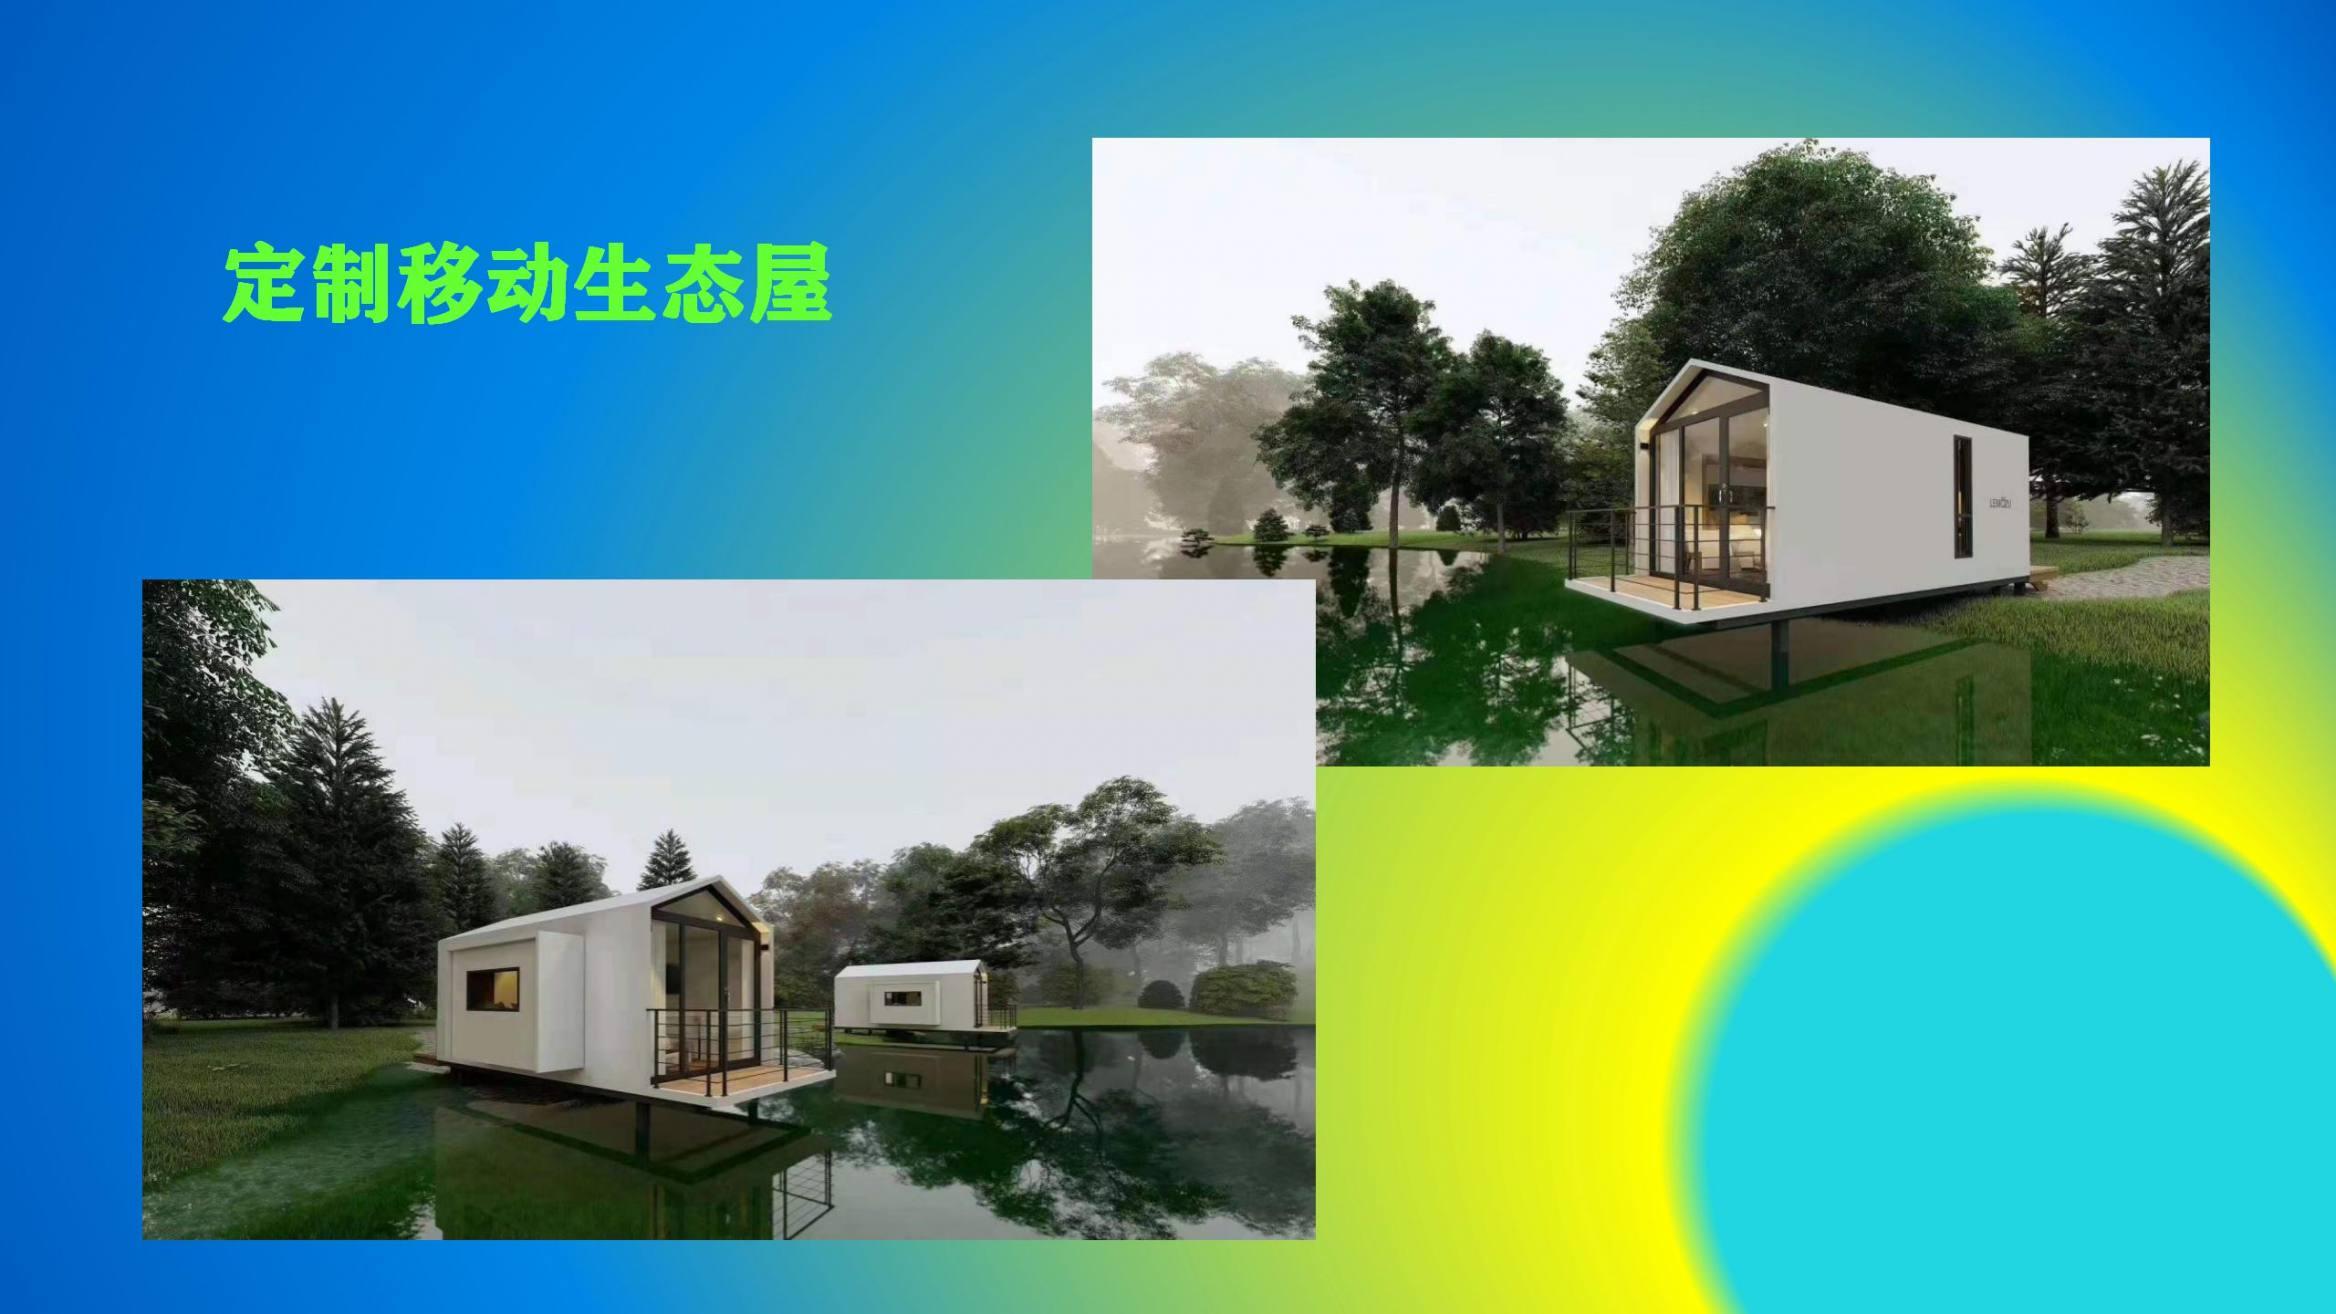 沈家船田园水乡智慧生态园 (6)